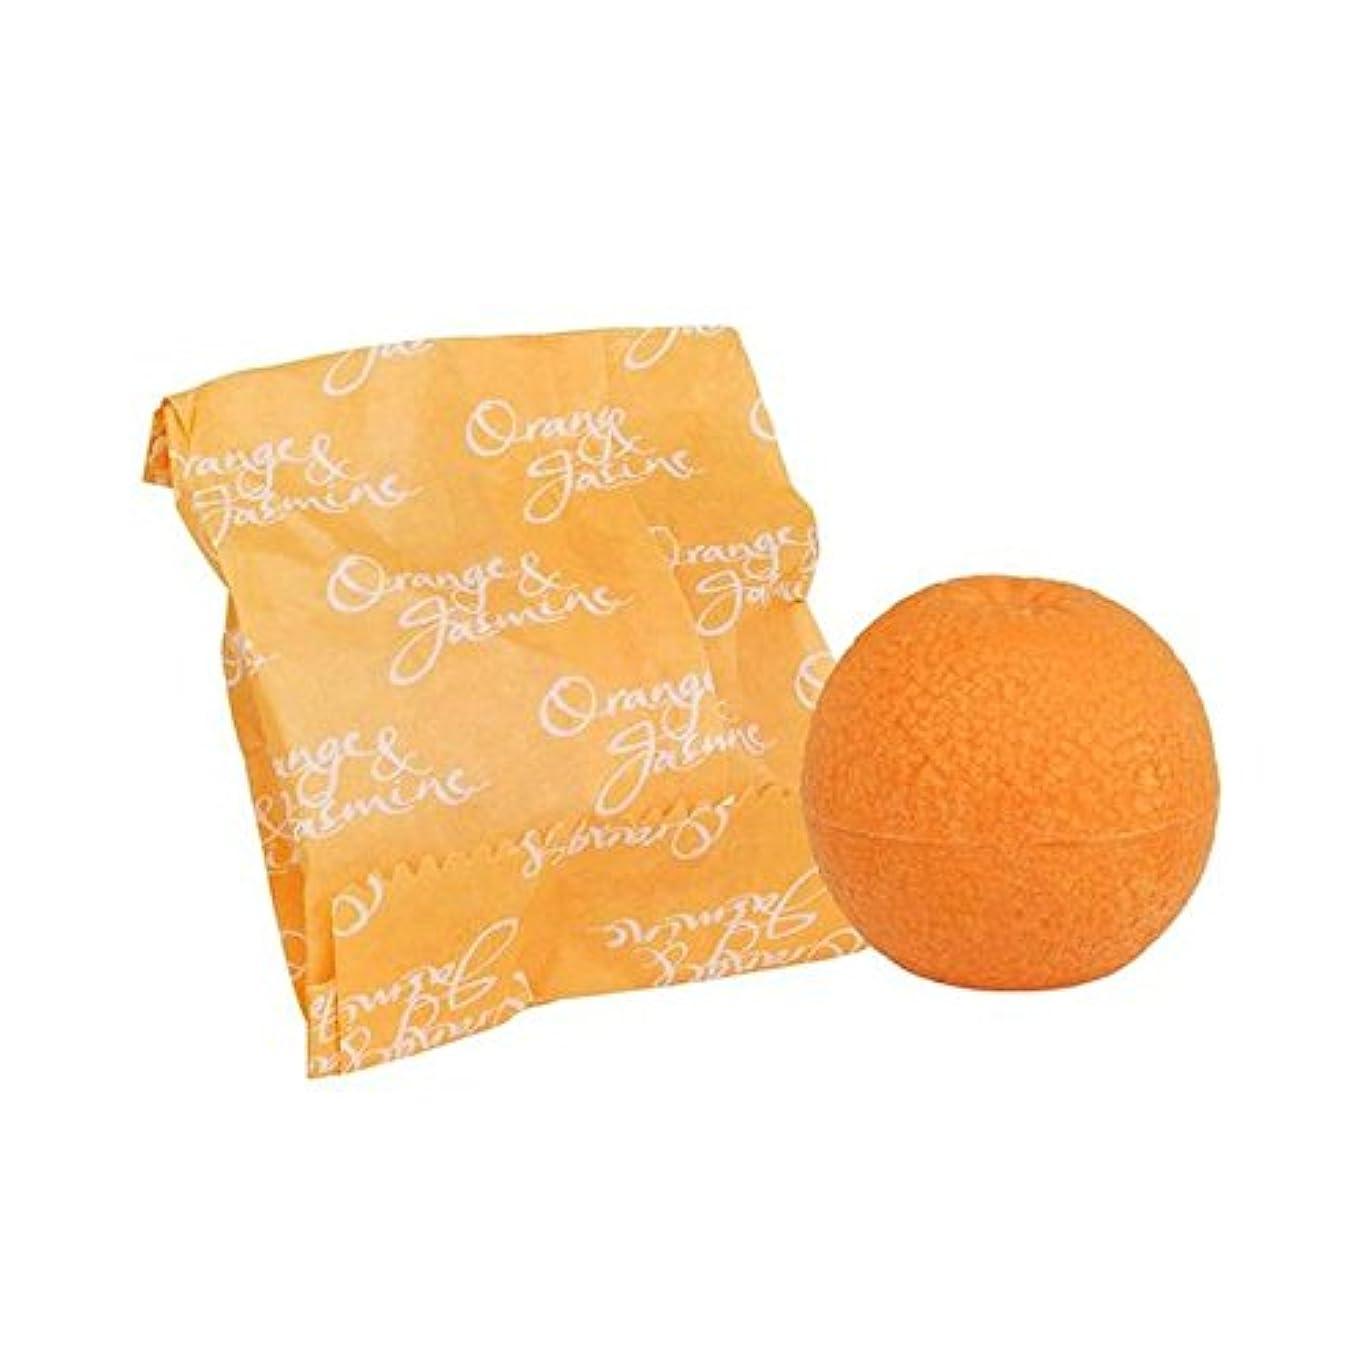 疼痛朝の体操をする犯罪オレンジ&ジャスミン石鹸100グラム x2 - Bronnley Orange & Jasmine Soap 100g (Pack of 2) [並行輸入品]